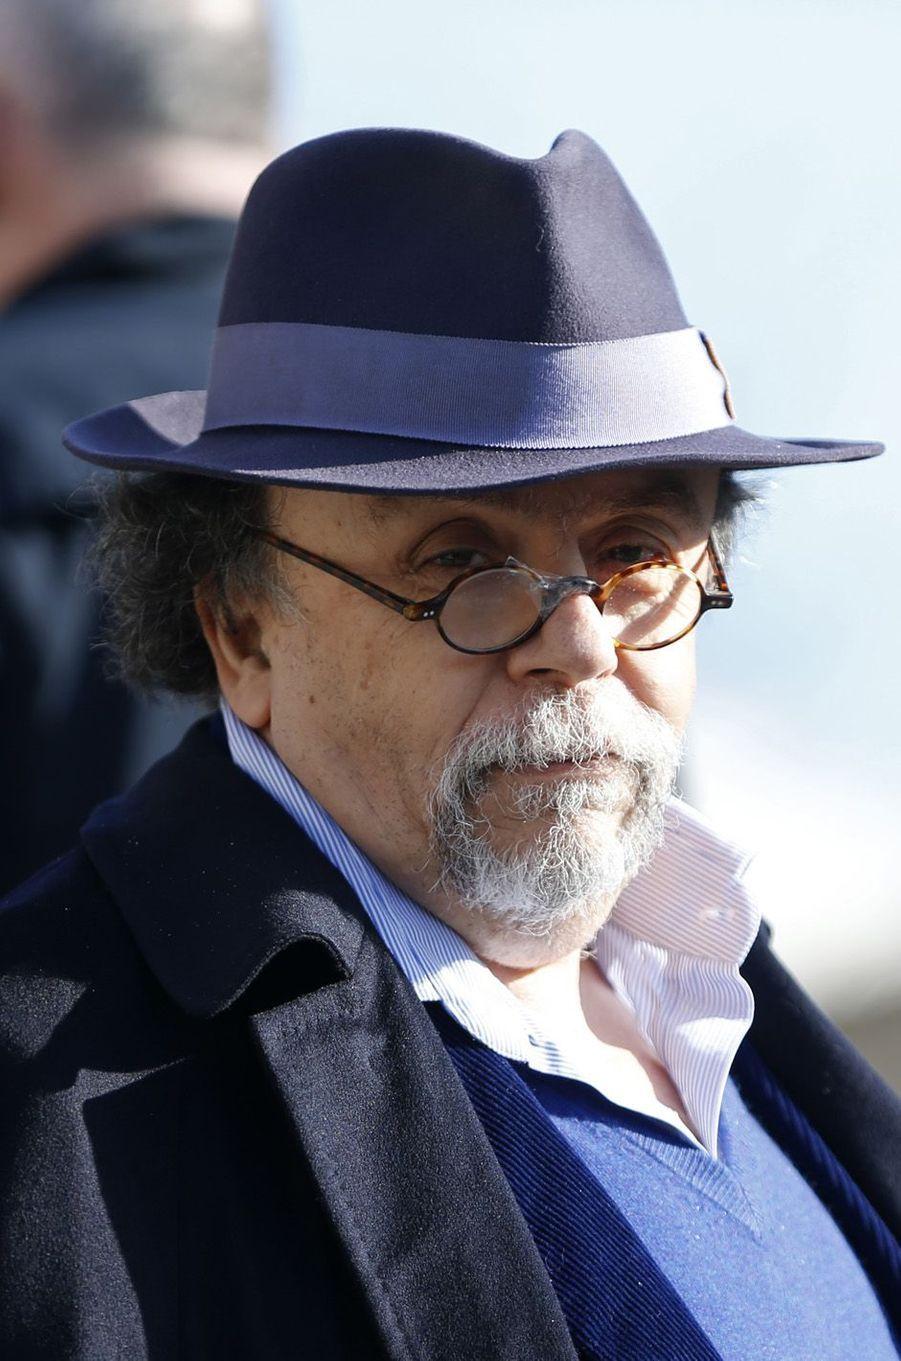 Le metteur en scène Jean-Michel Ribes, directeur du théâtre du Rond-Point à Paris (officier).